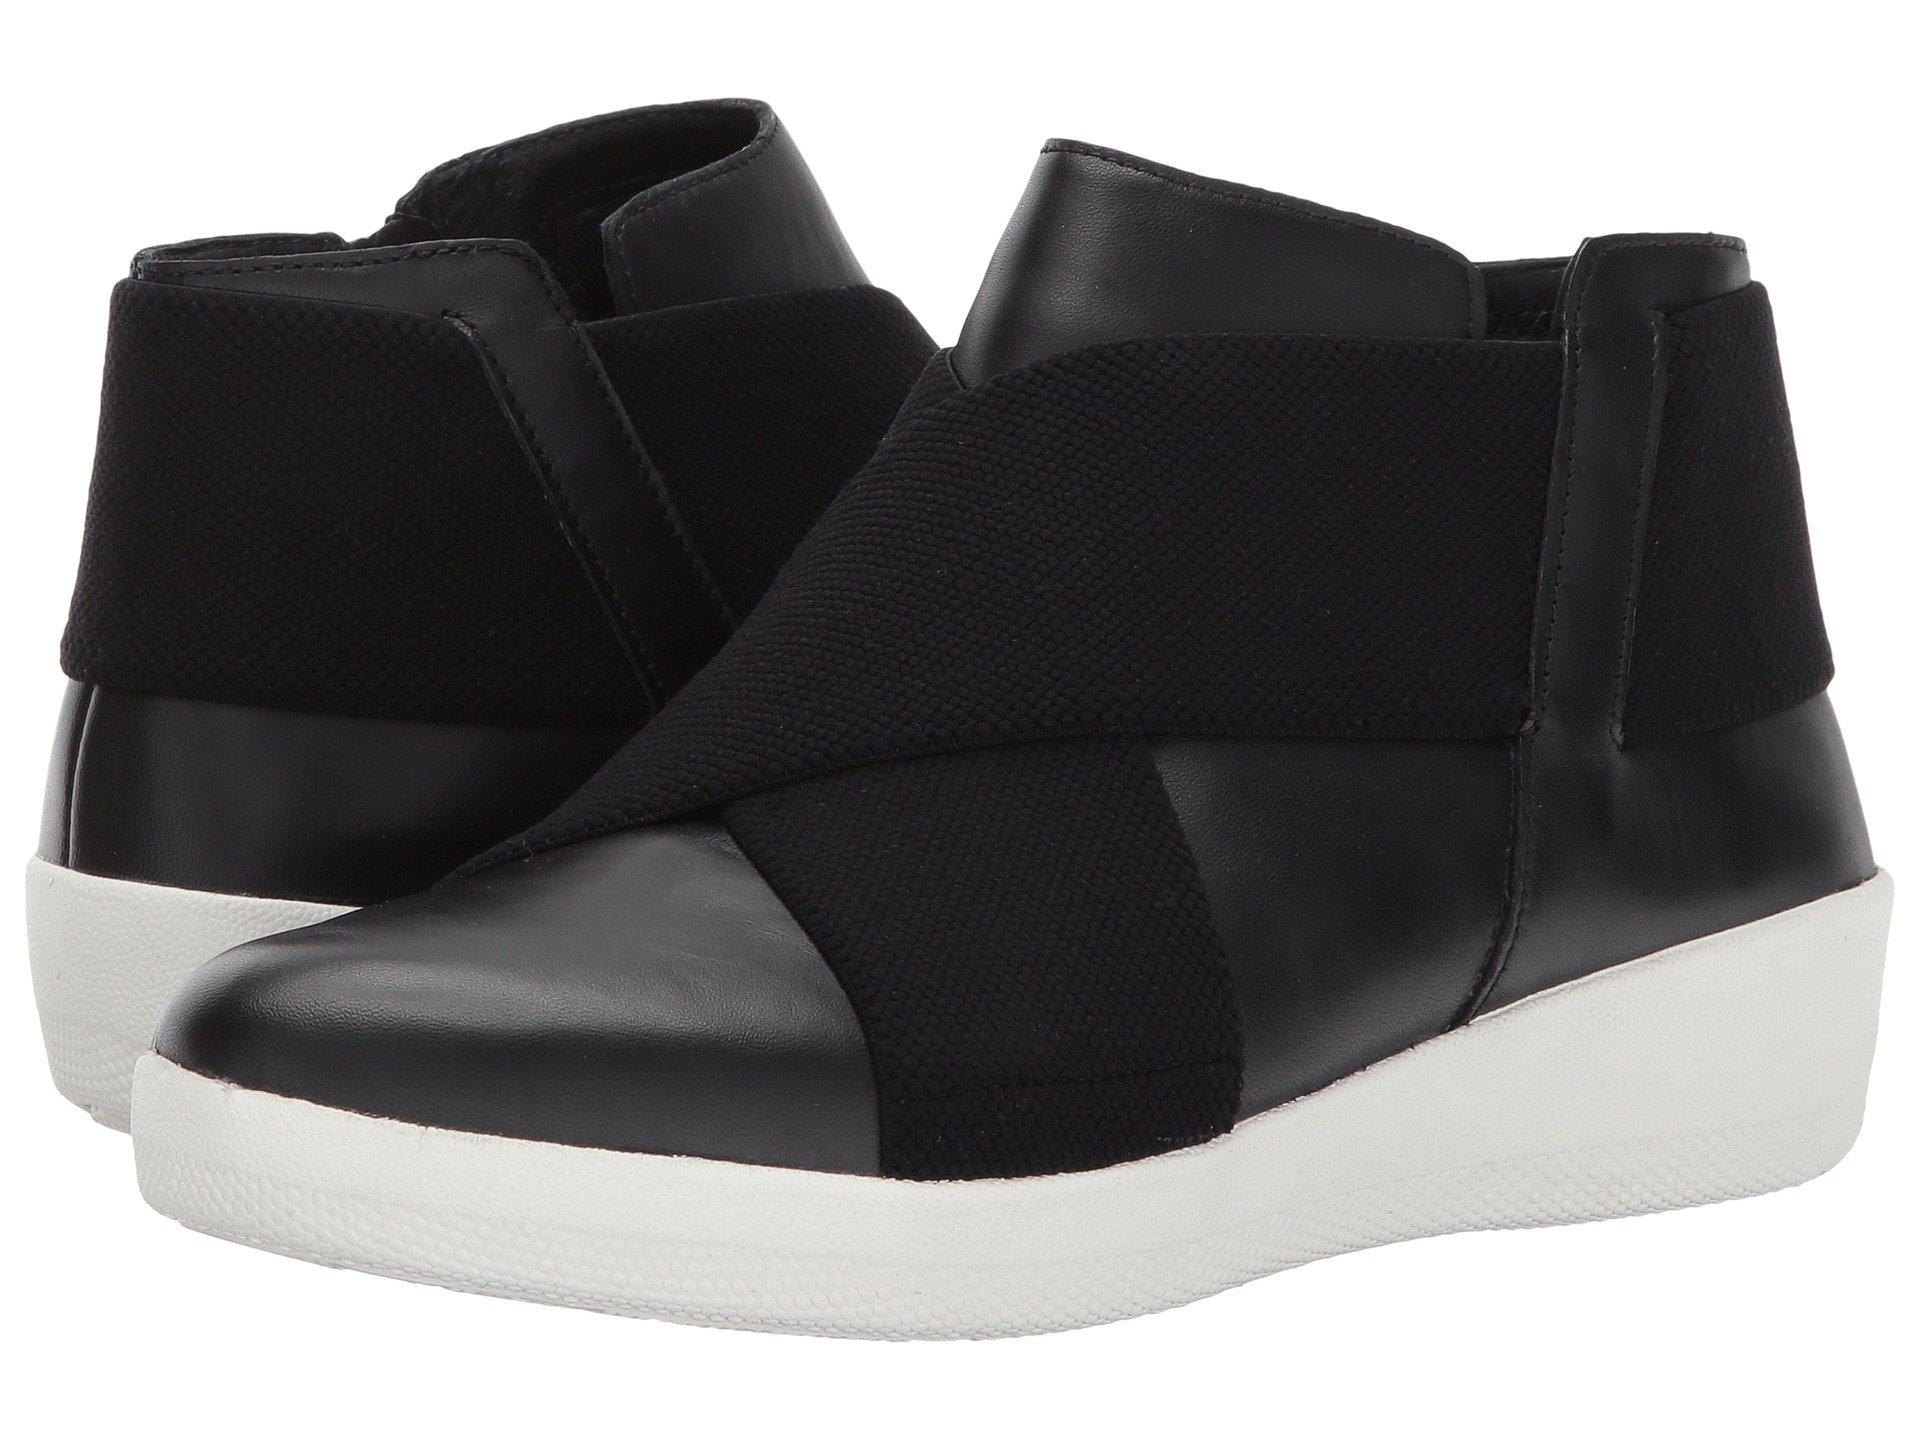 b5f6729e5e7 Superflex Ankle Boots in Black